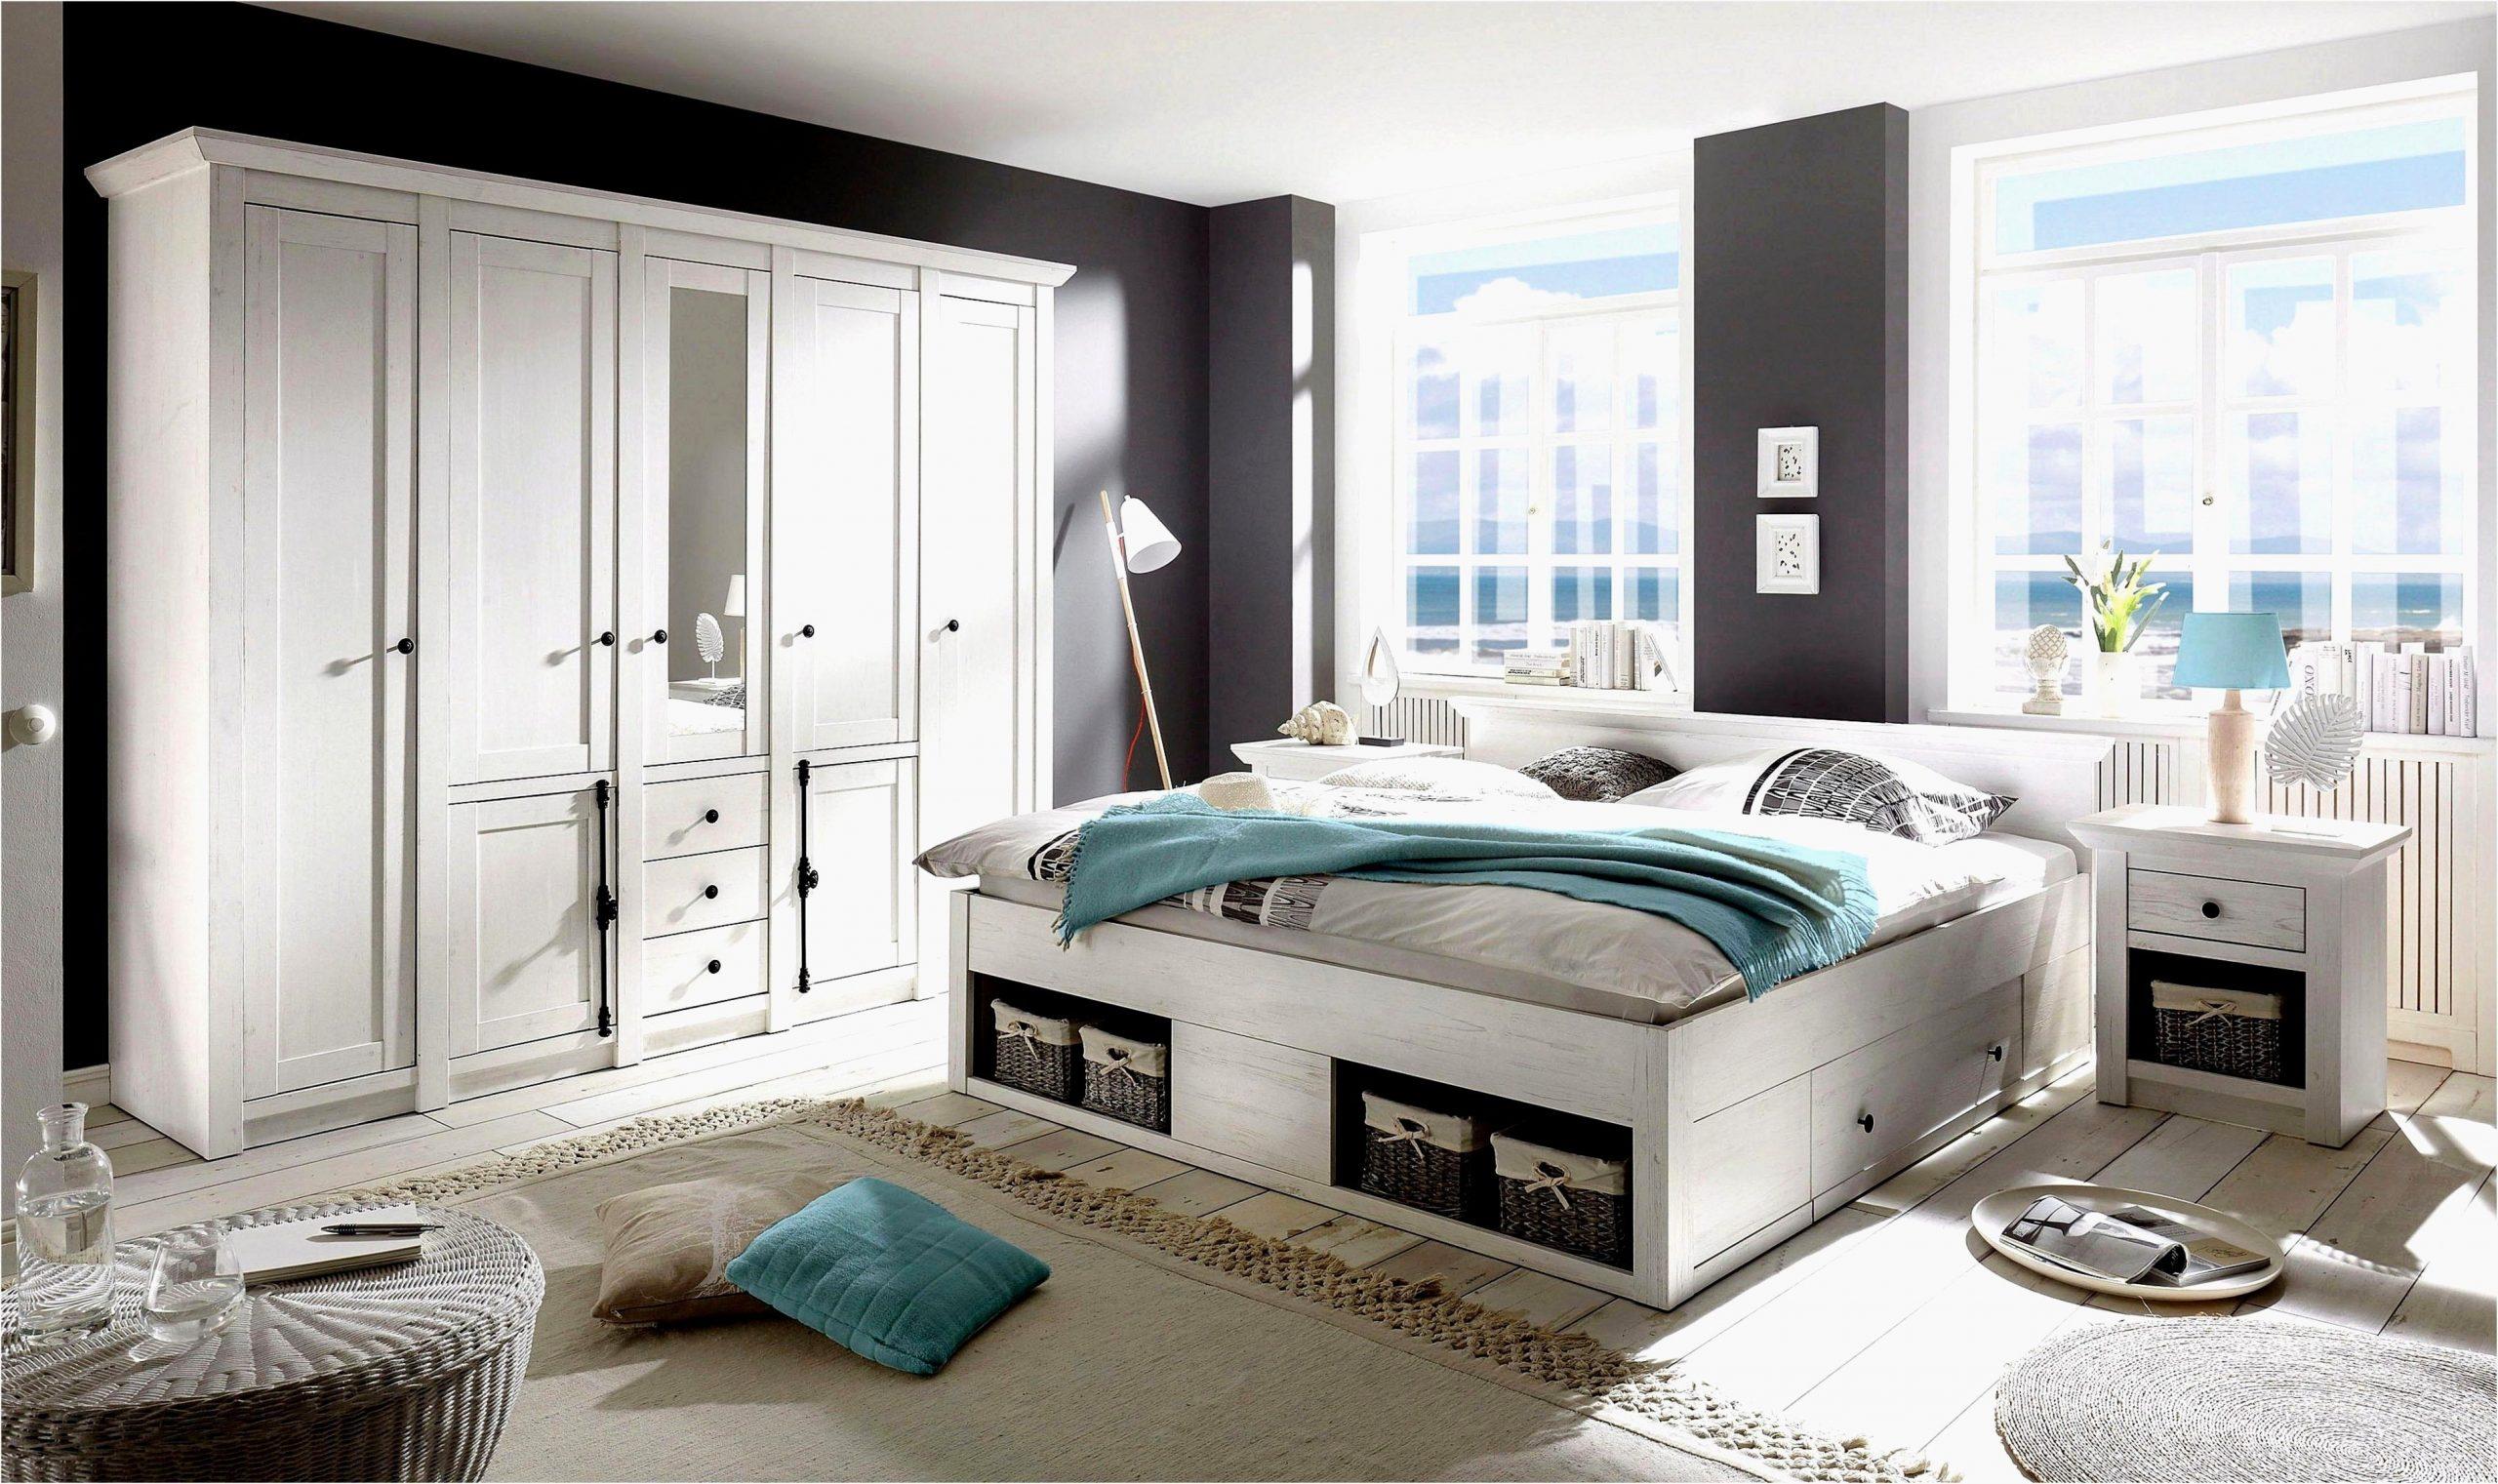 Full Size of Coole Betten 2rc Wohnzimmer Bett Schrank Elegant Von Mit Kleiderschrank Runde Rauch 140x200 Innocent Amazon 180x200 Günstig Kaufen Möbel Boss T Shirt Bett Coole Betten